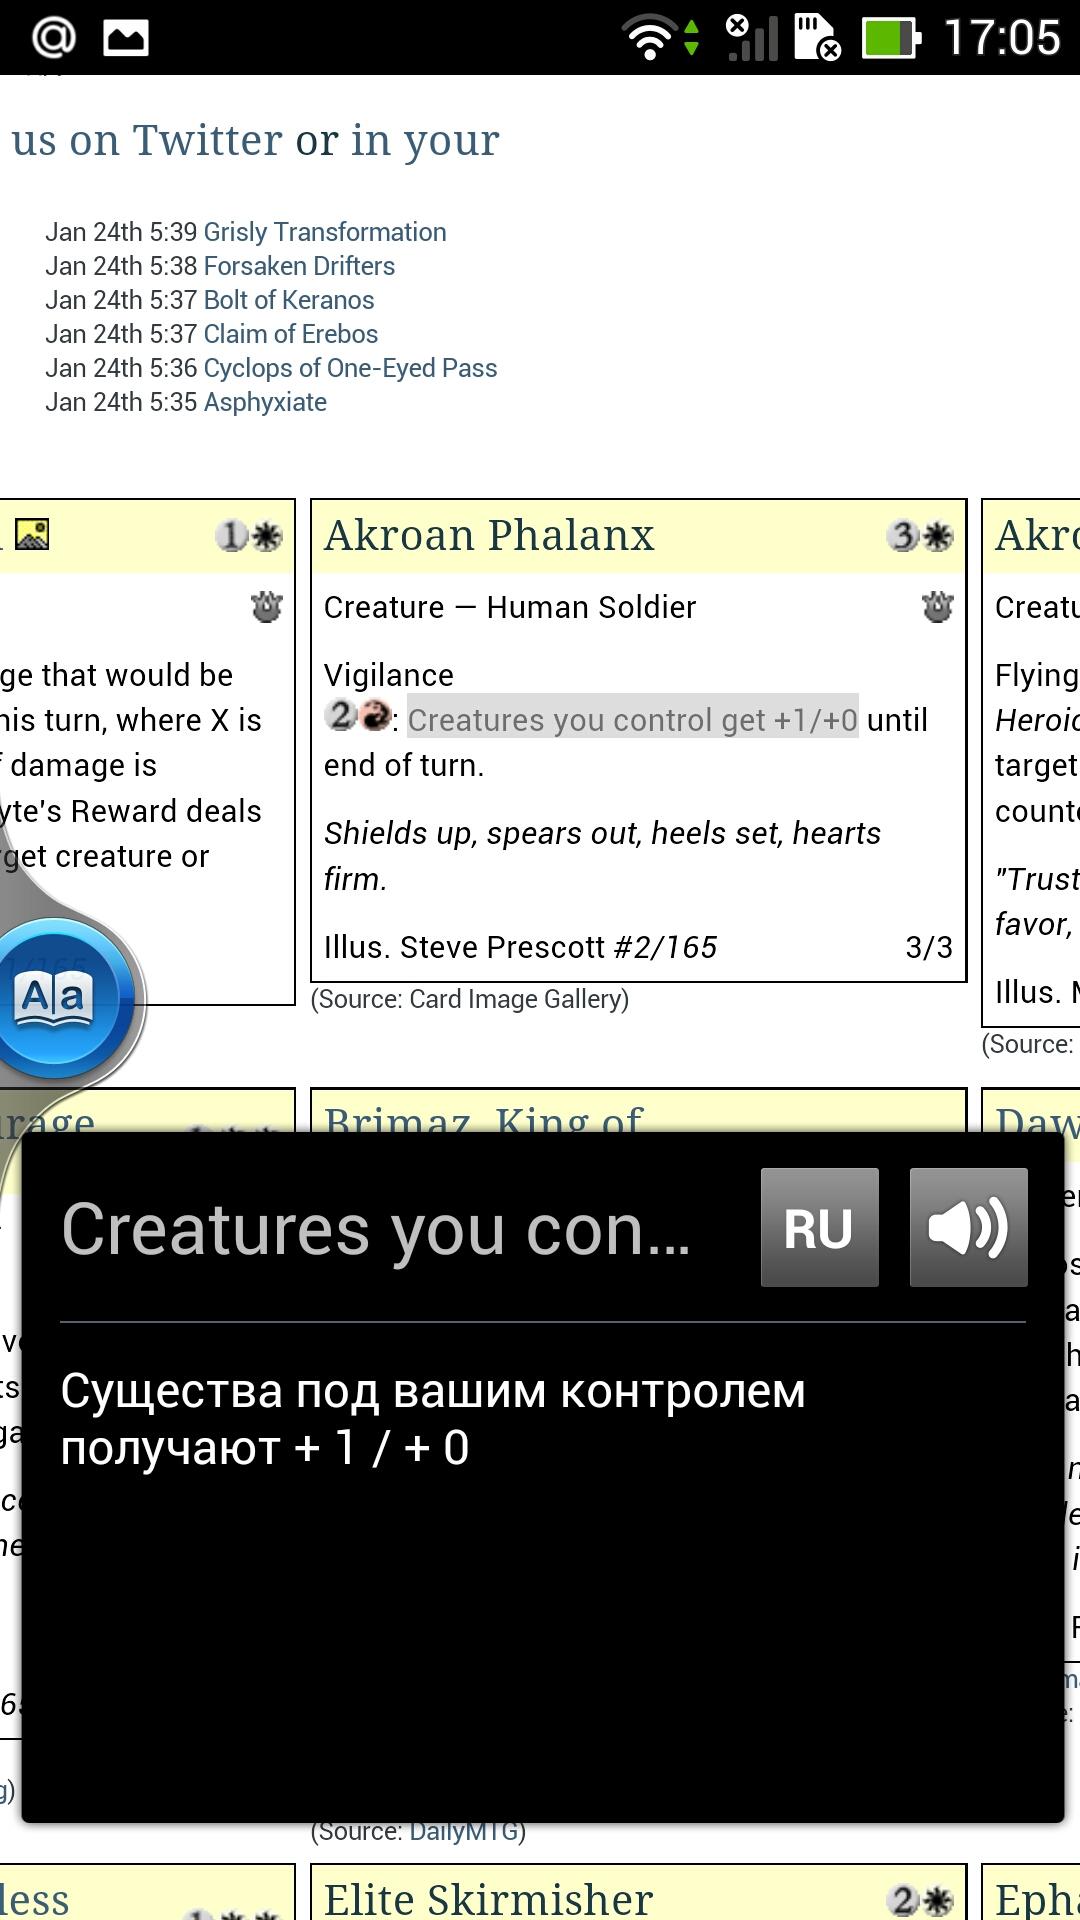 Самое интересное приложение — Instant Dictionary, позволяющее переводить слова не отрываясь от текста